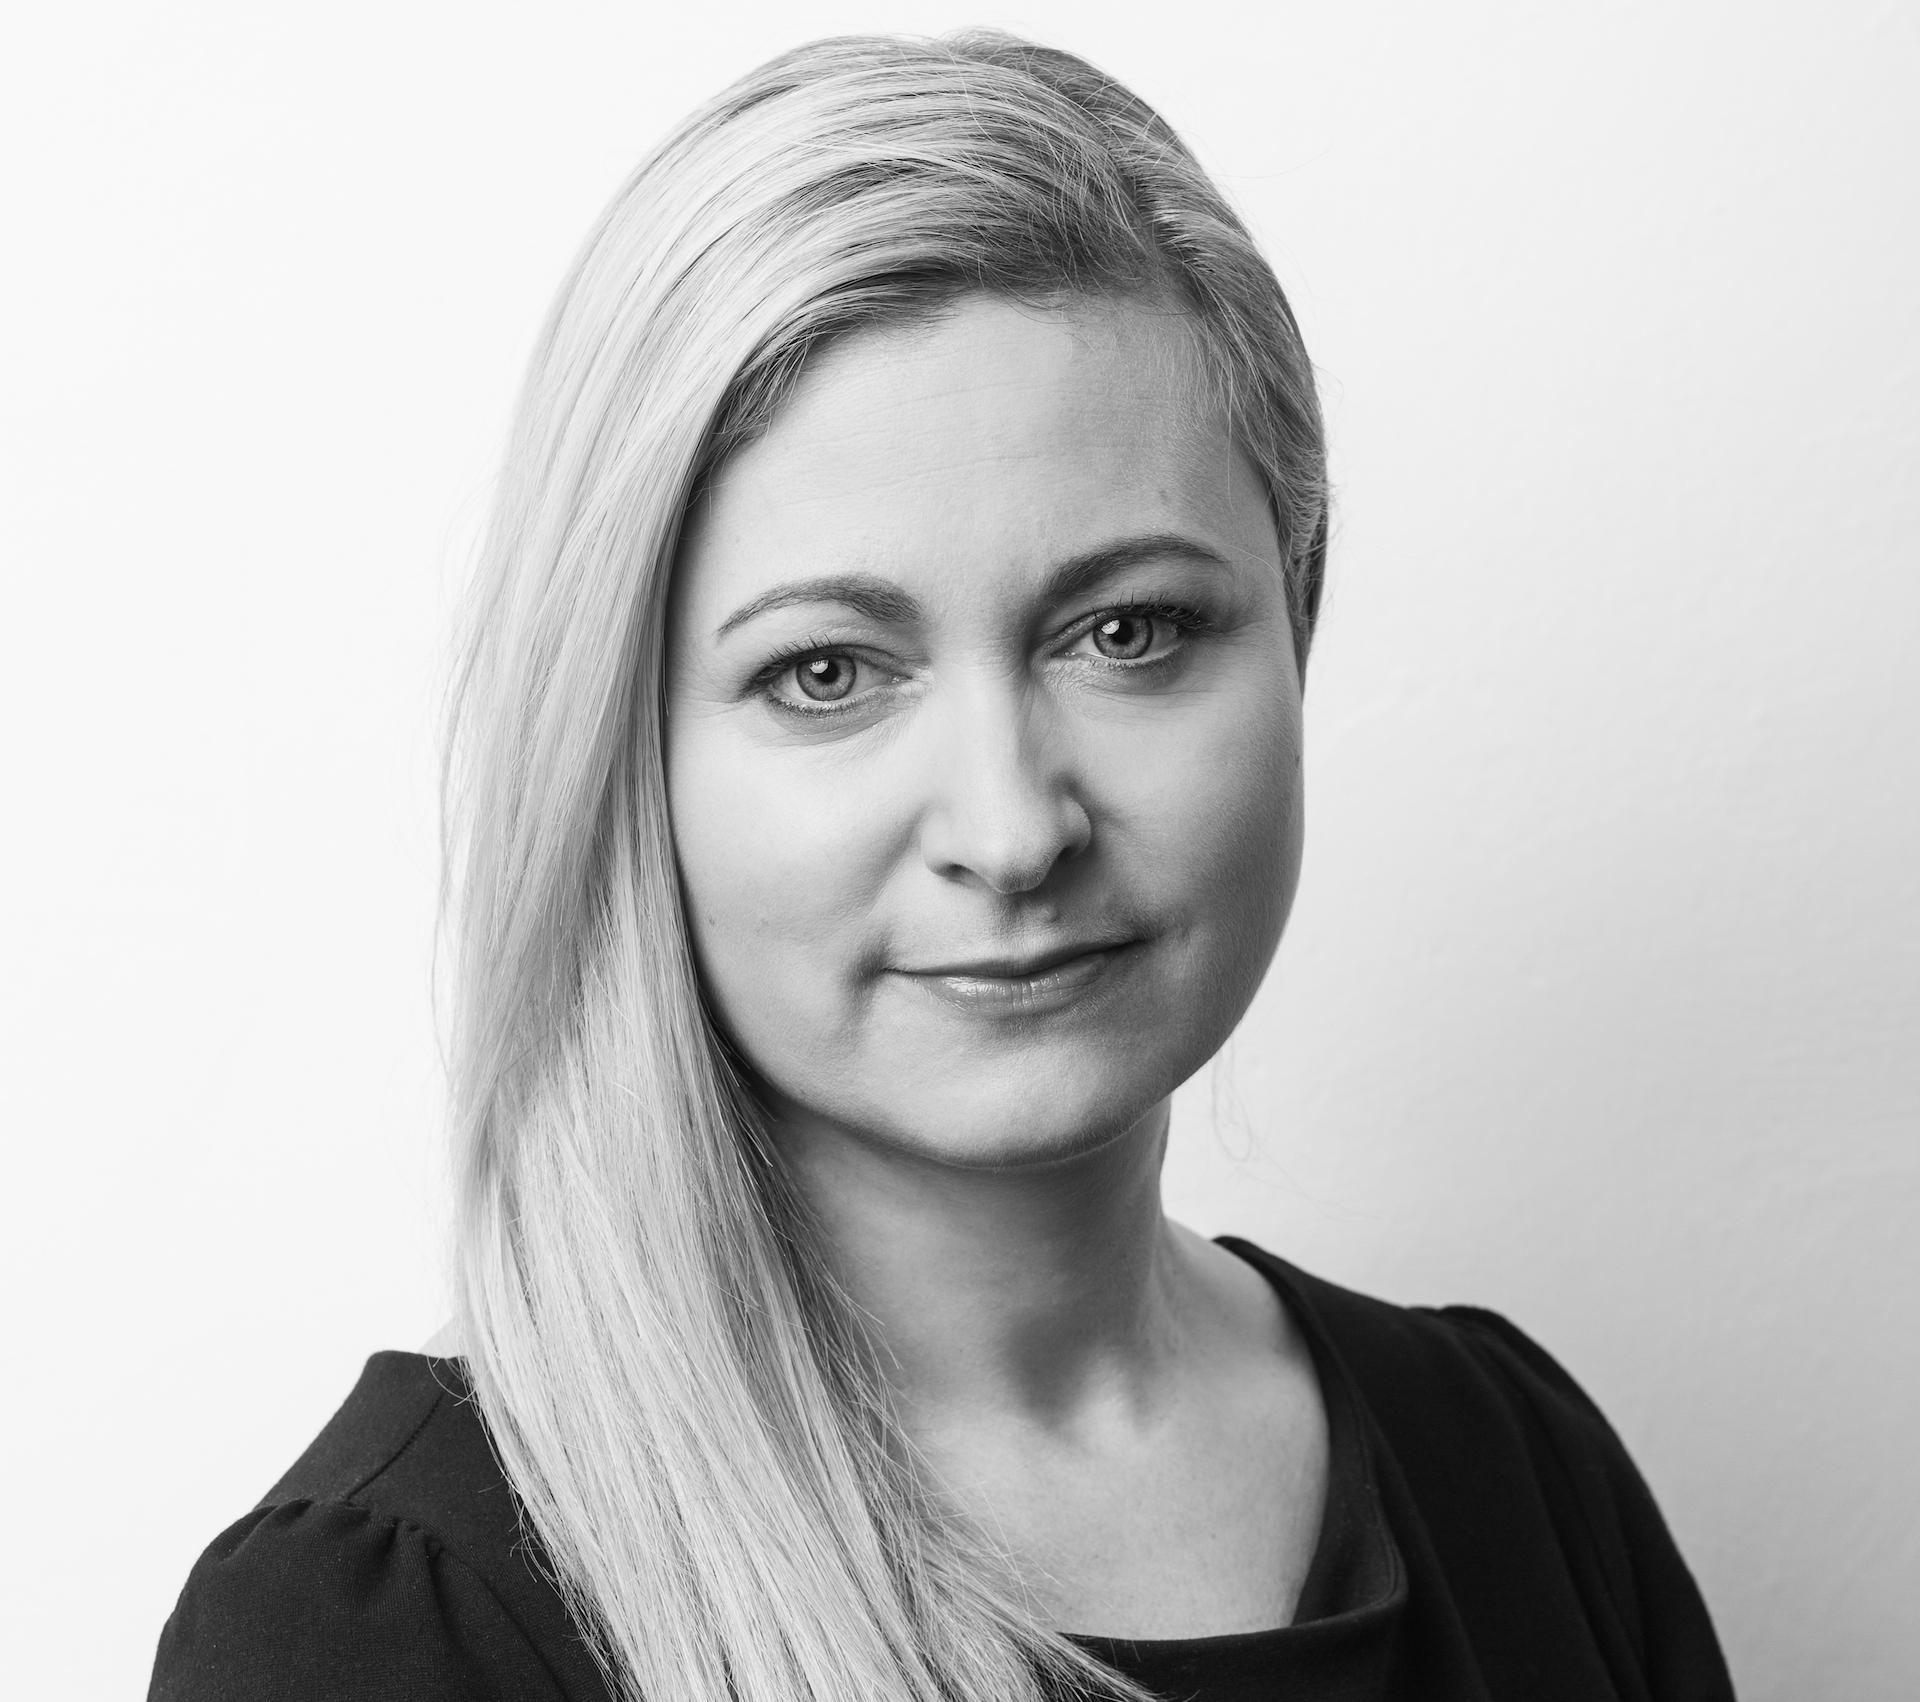 Anne Höweler, Gründerin und CEO der Influencer Marketing Agentur Cover PR